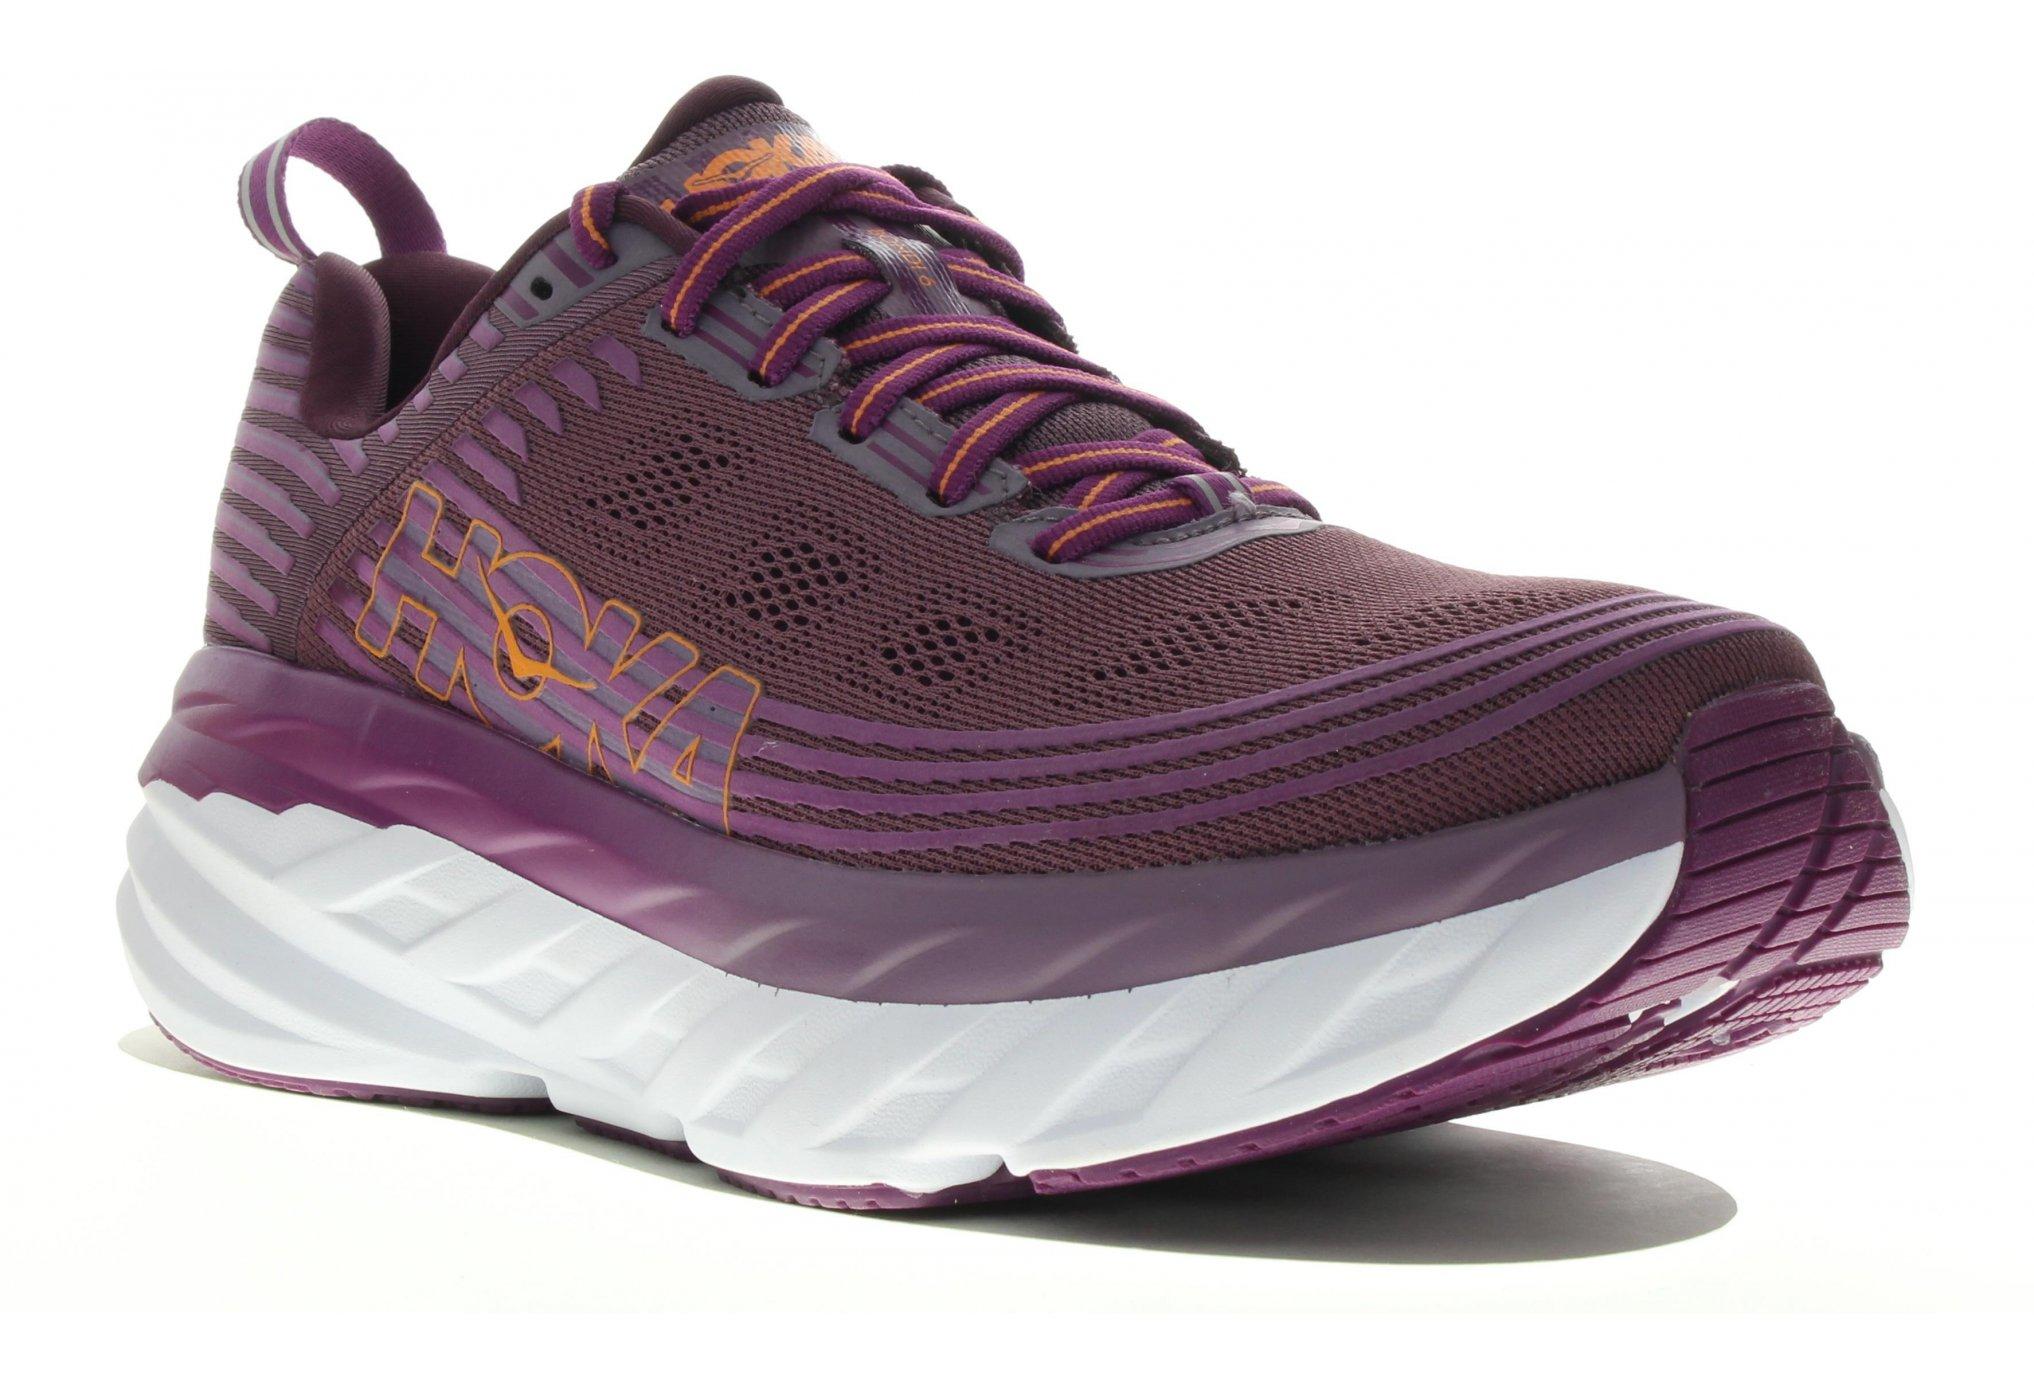 Hoka One One Bondi 6 Chaussures running femme